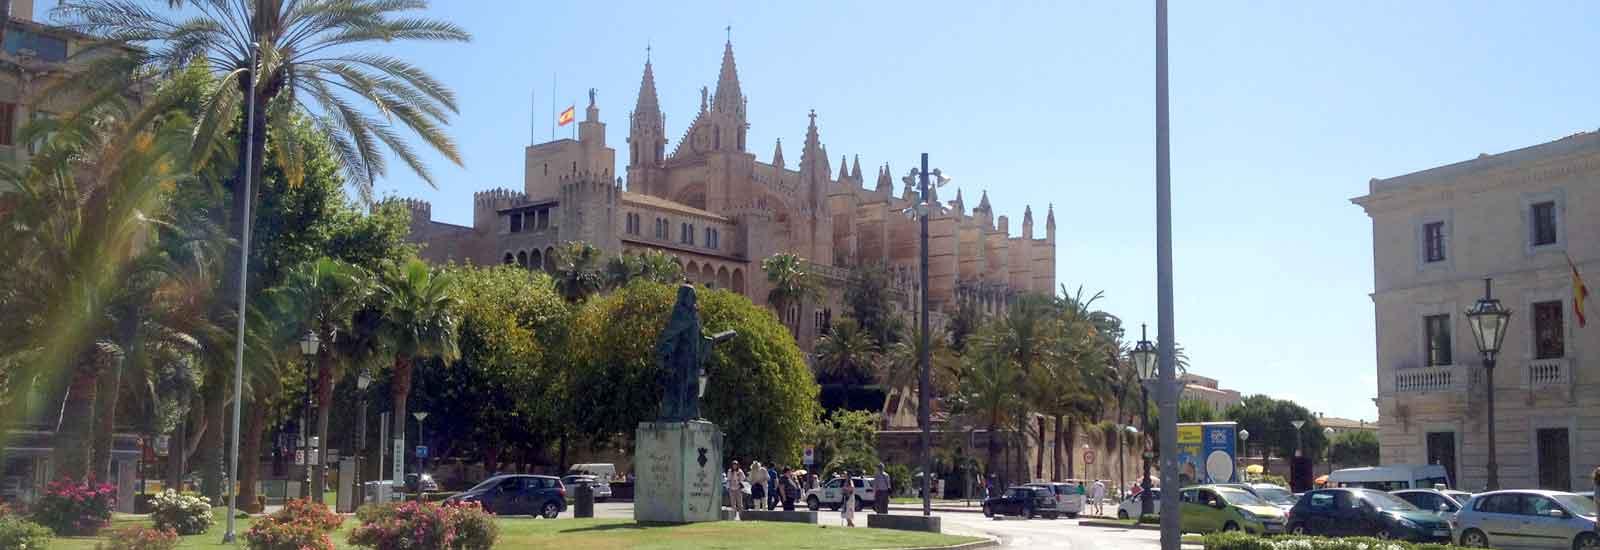 Palma-touristen